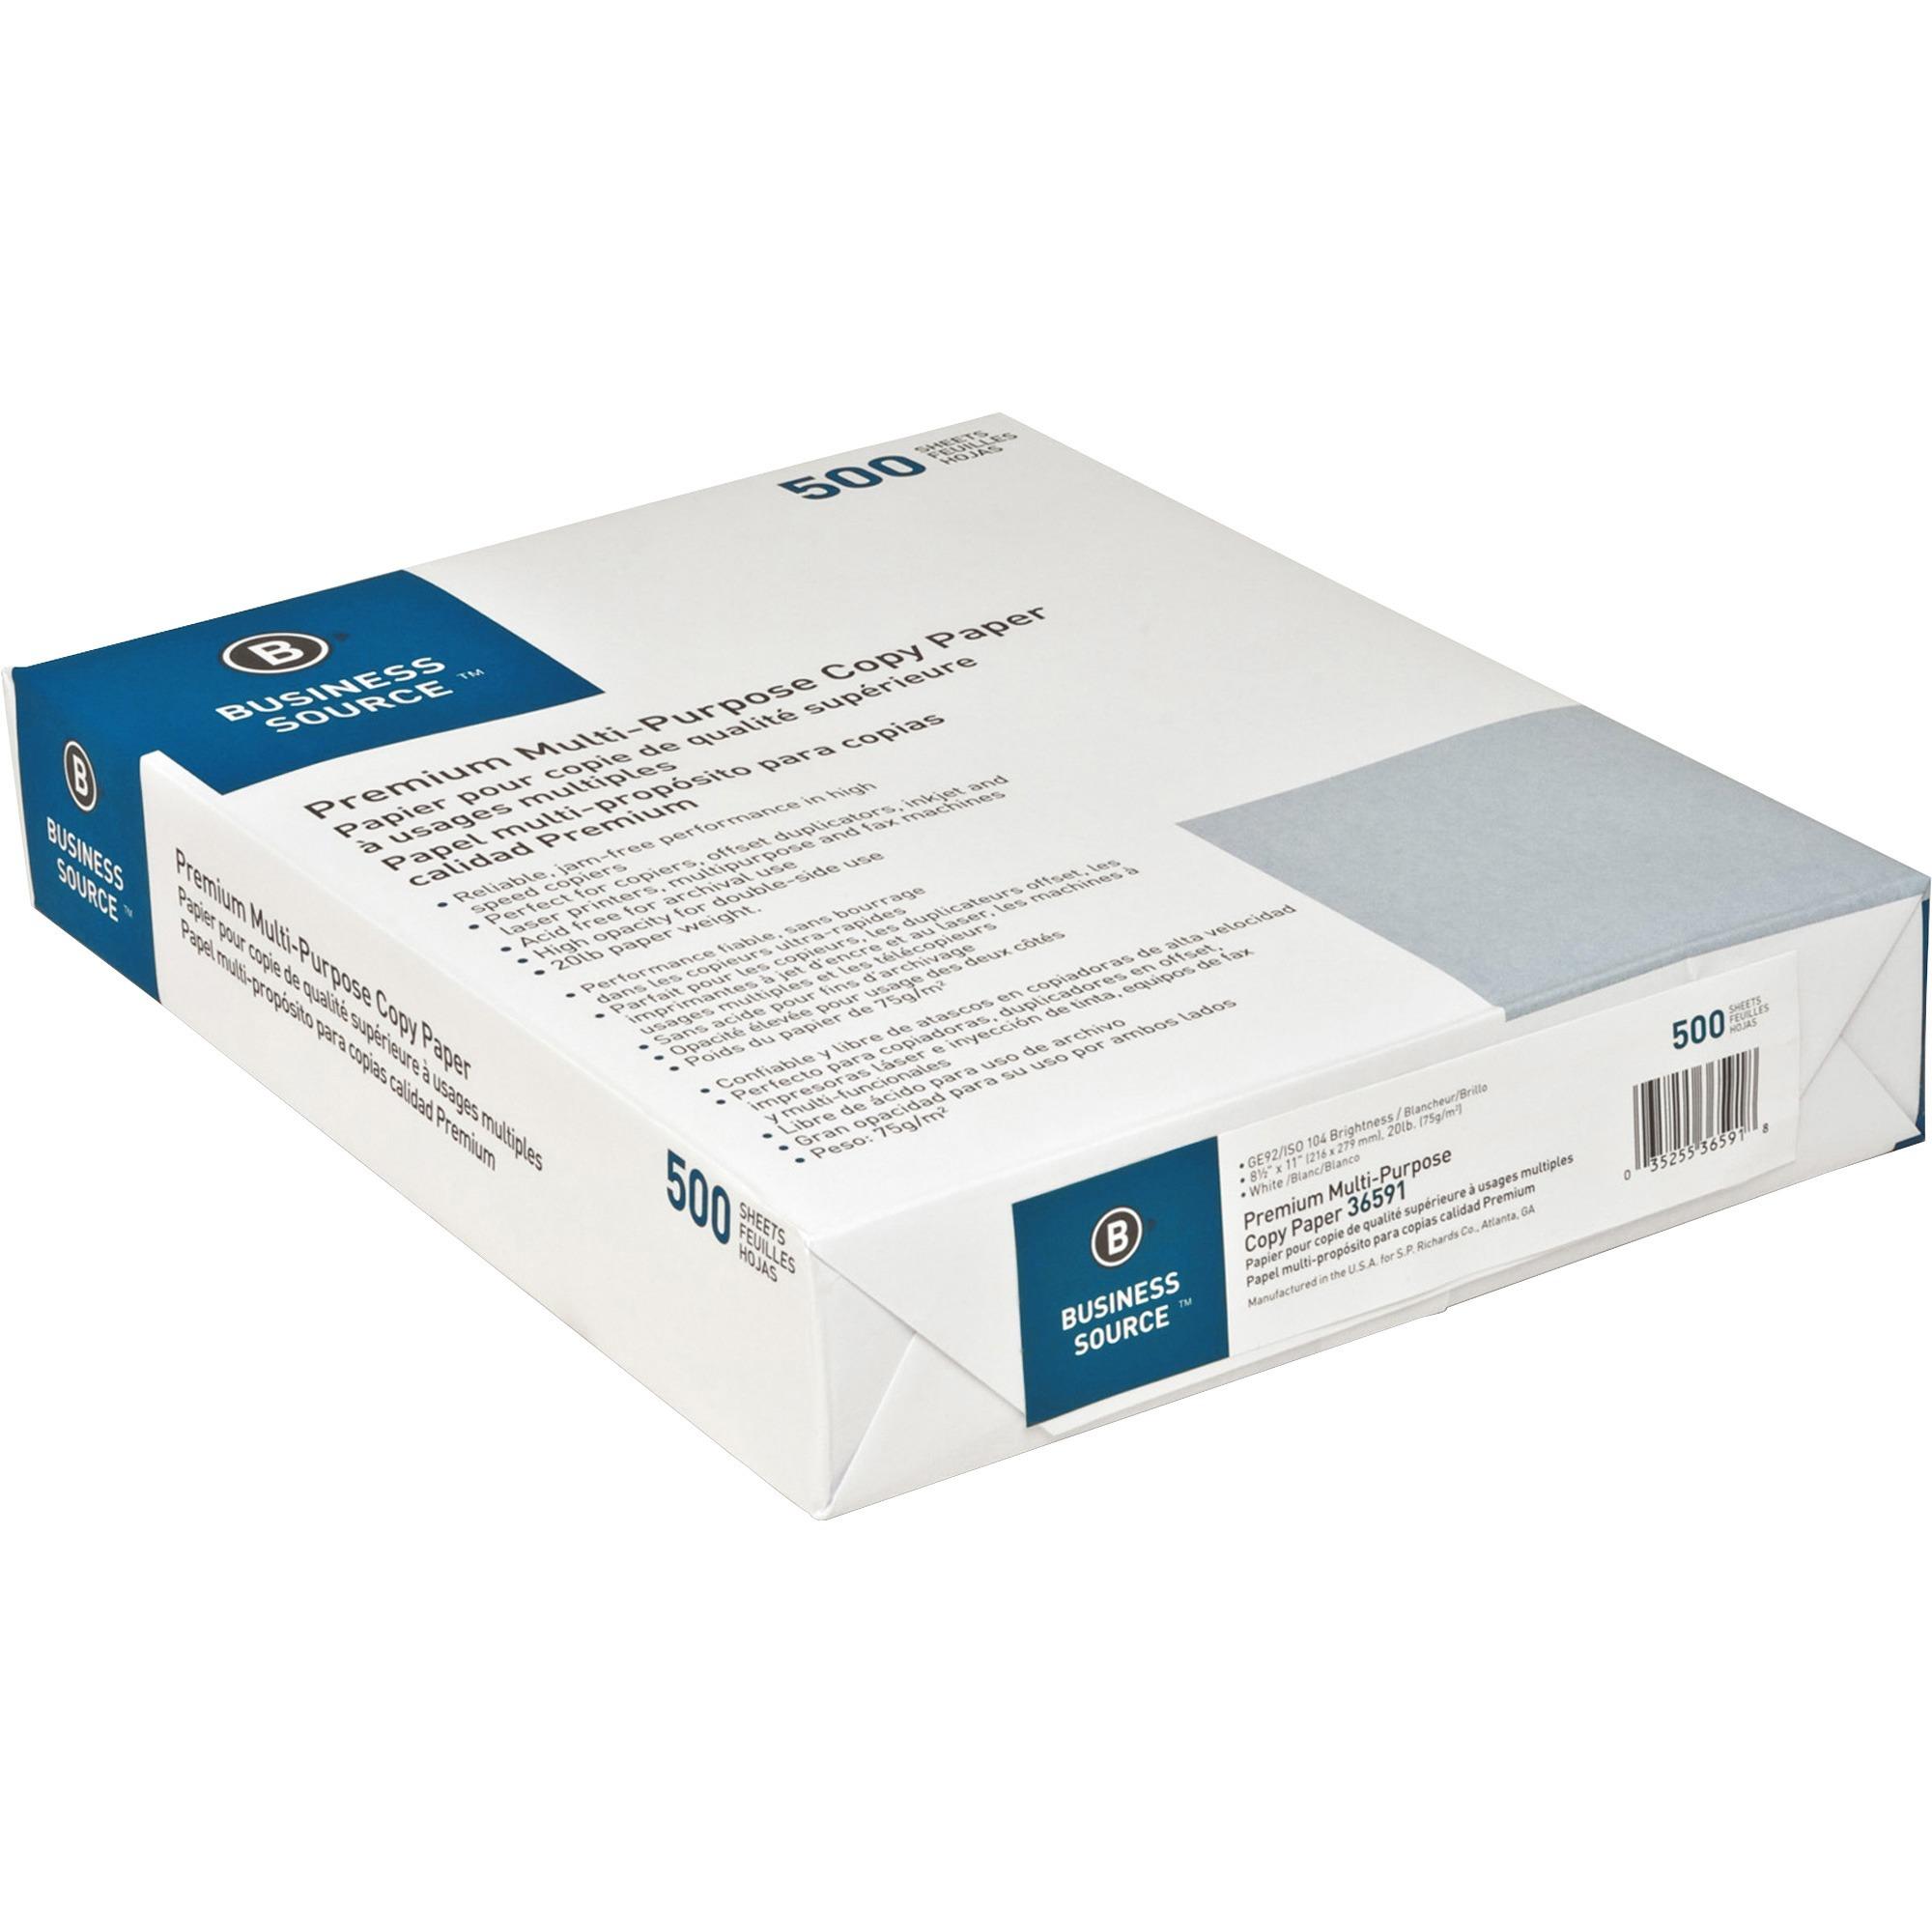 Business Source Premium Multipurpose Copy Paper